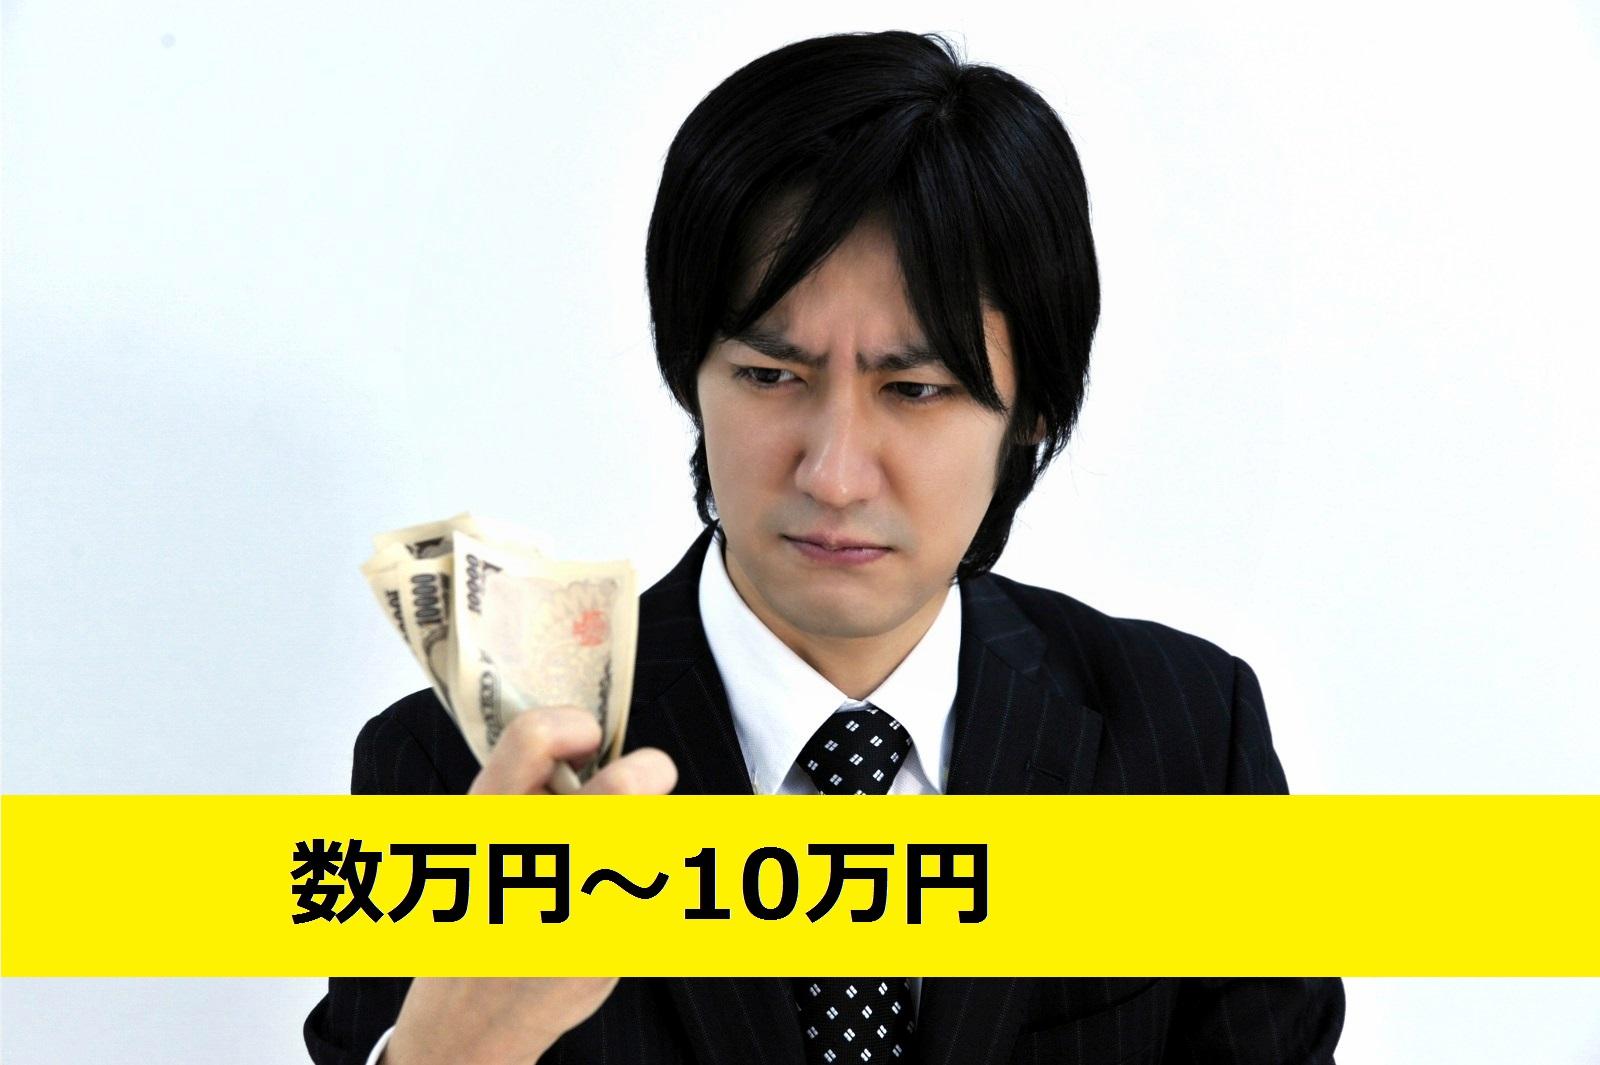 月収10万円くらい